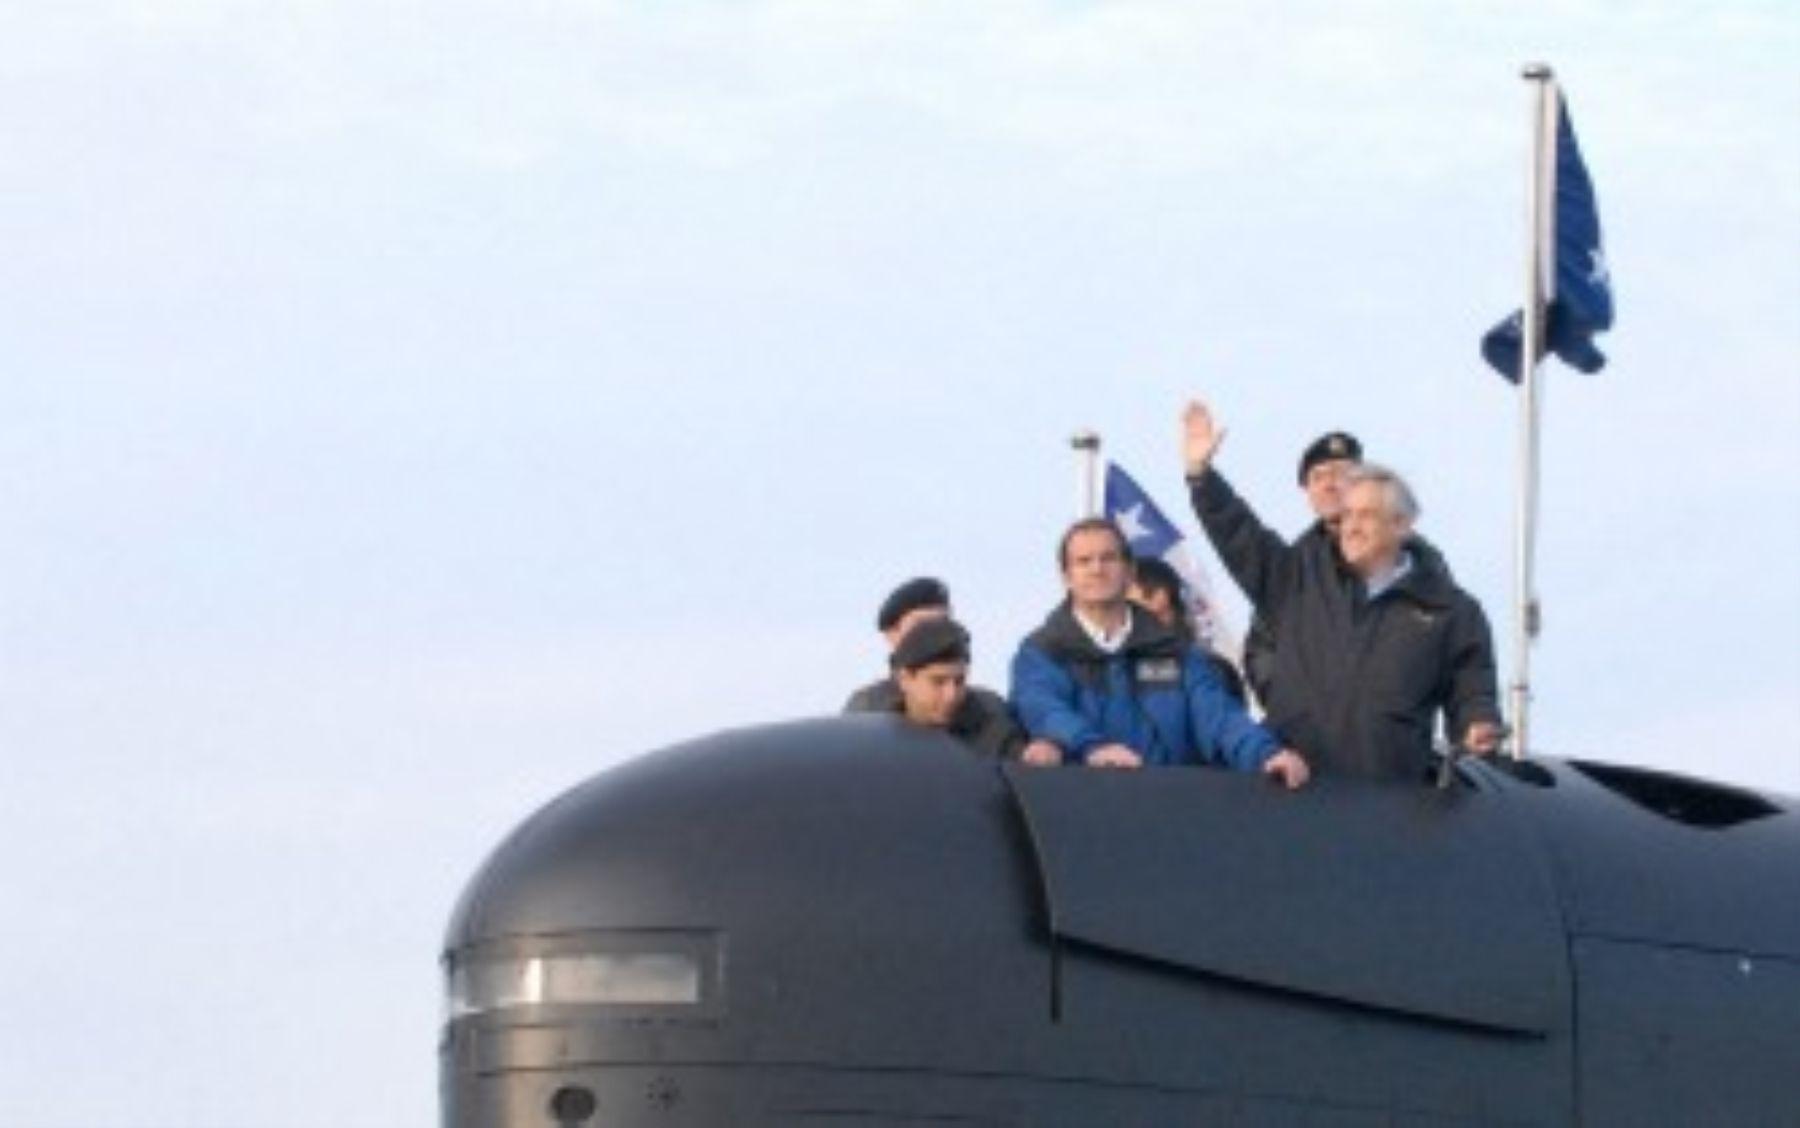 El presidente de Chile, Sebastián Piñera, dio hoy inicio a la operación naval multinaciones Unitas. Foto: ANDINA/Internet.